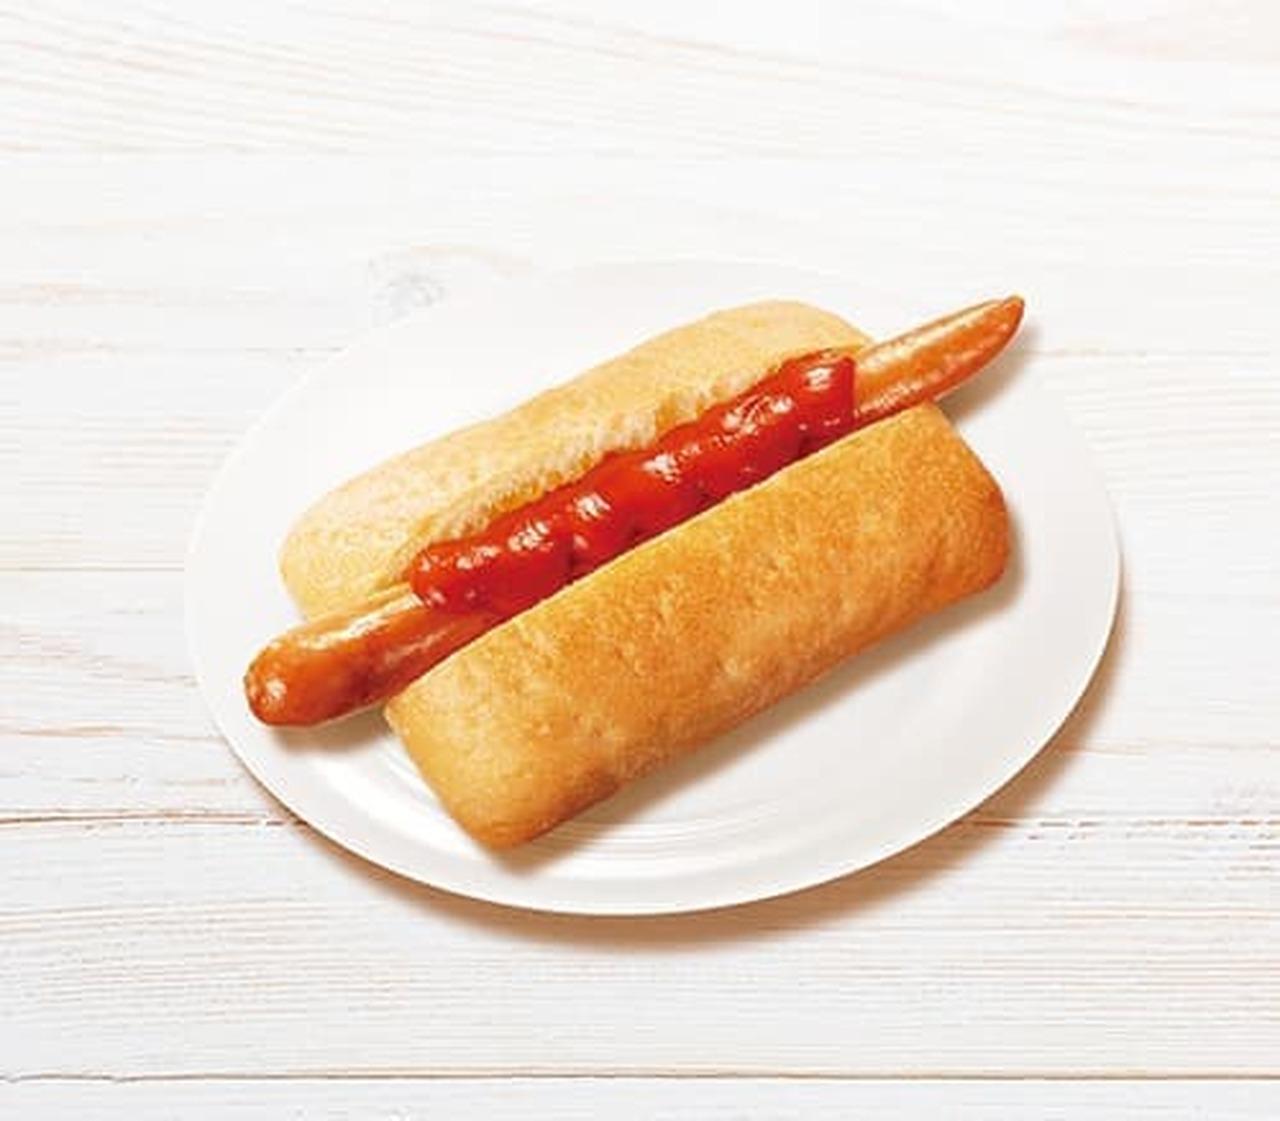 ファーストキッチン「ホットドッグ」